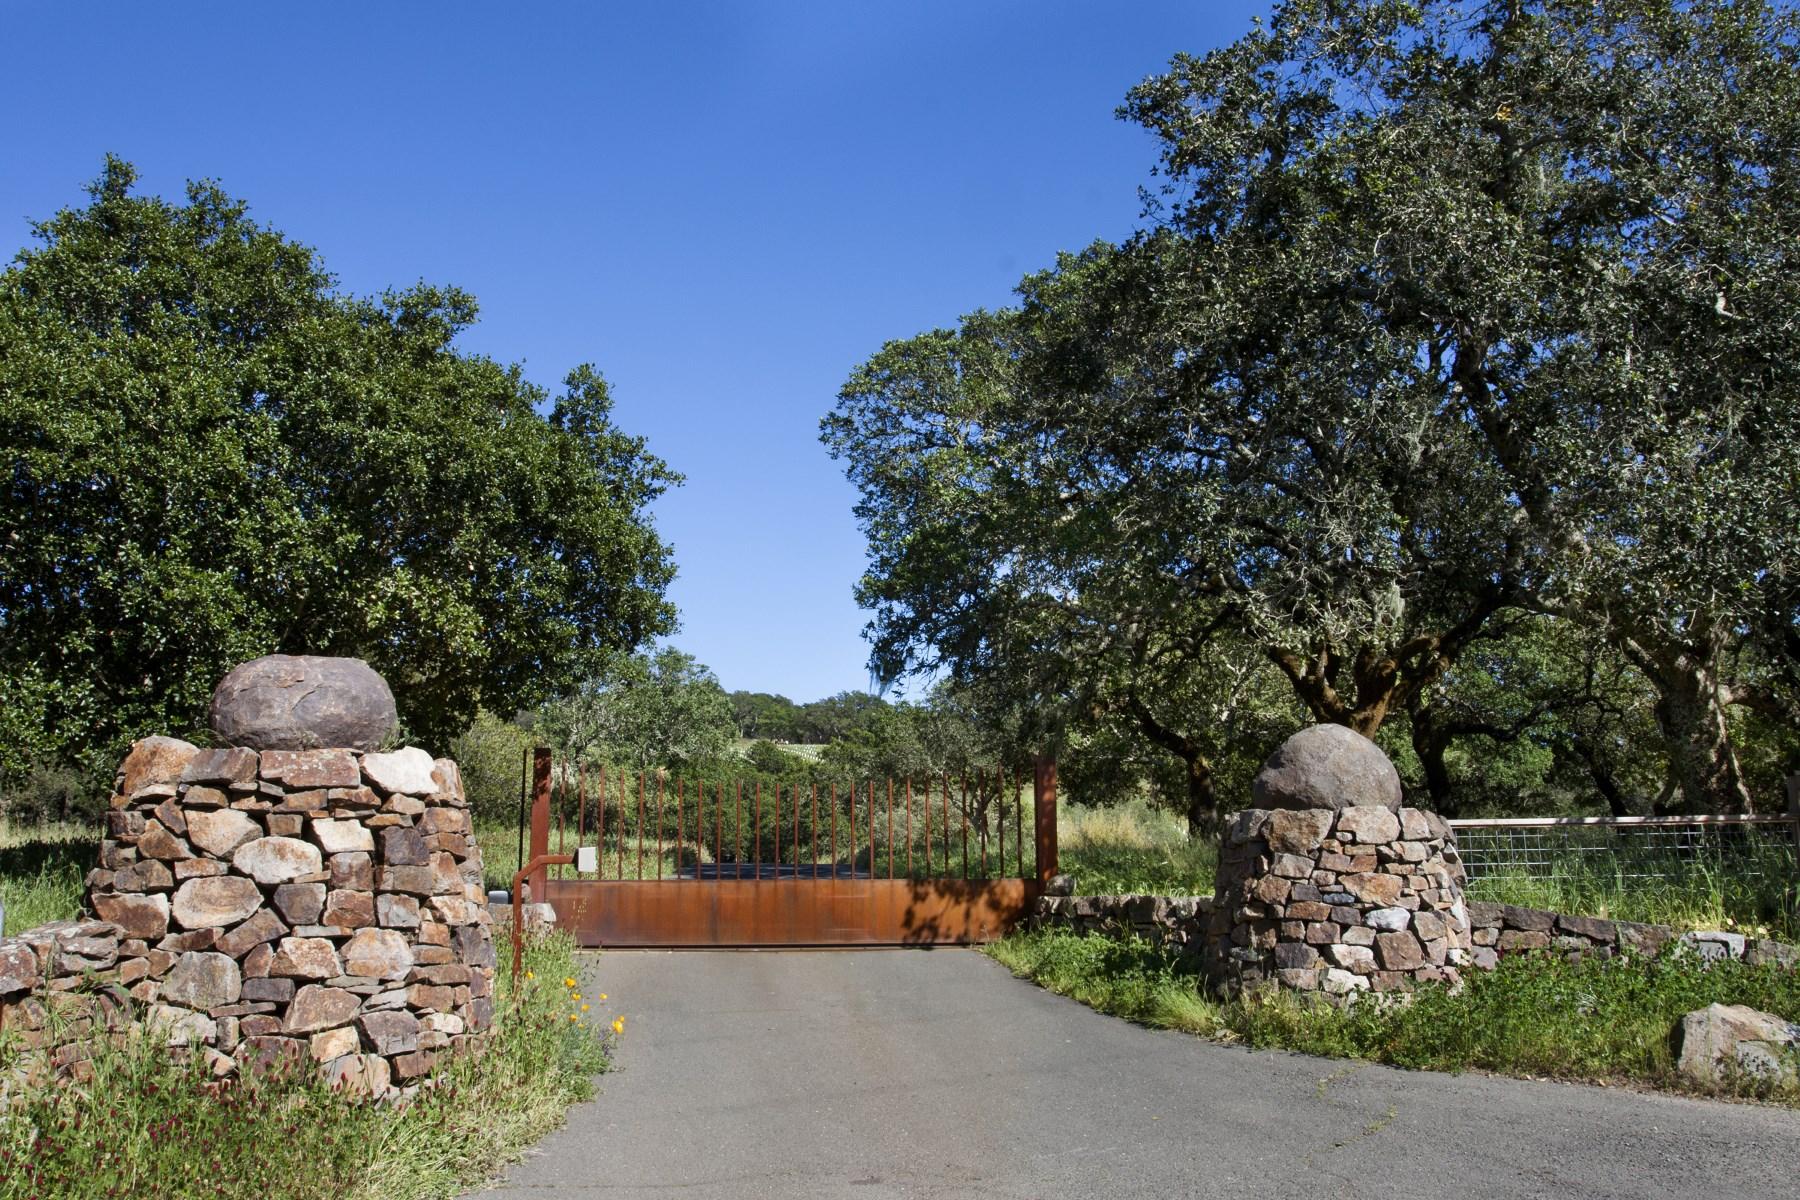 独户住宅 为 销售 在 Wine Country Dream Retreat 3660 Wood Valley Rd 索诺玛, 加利福尼亚州, 95476 美国